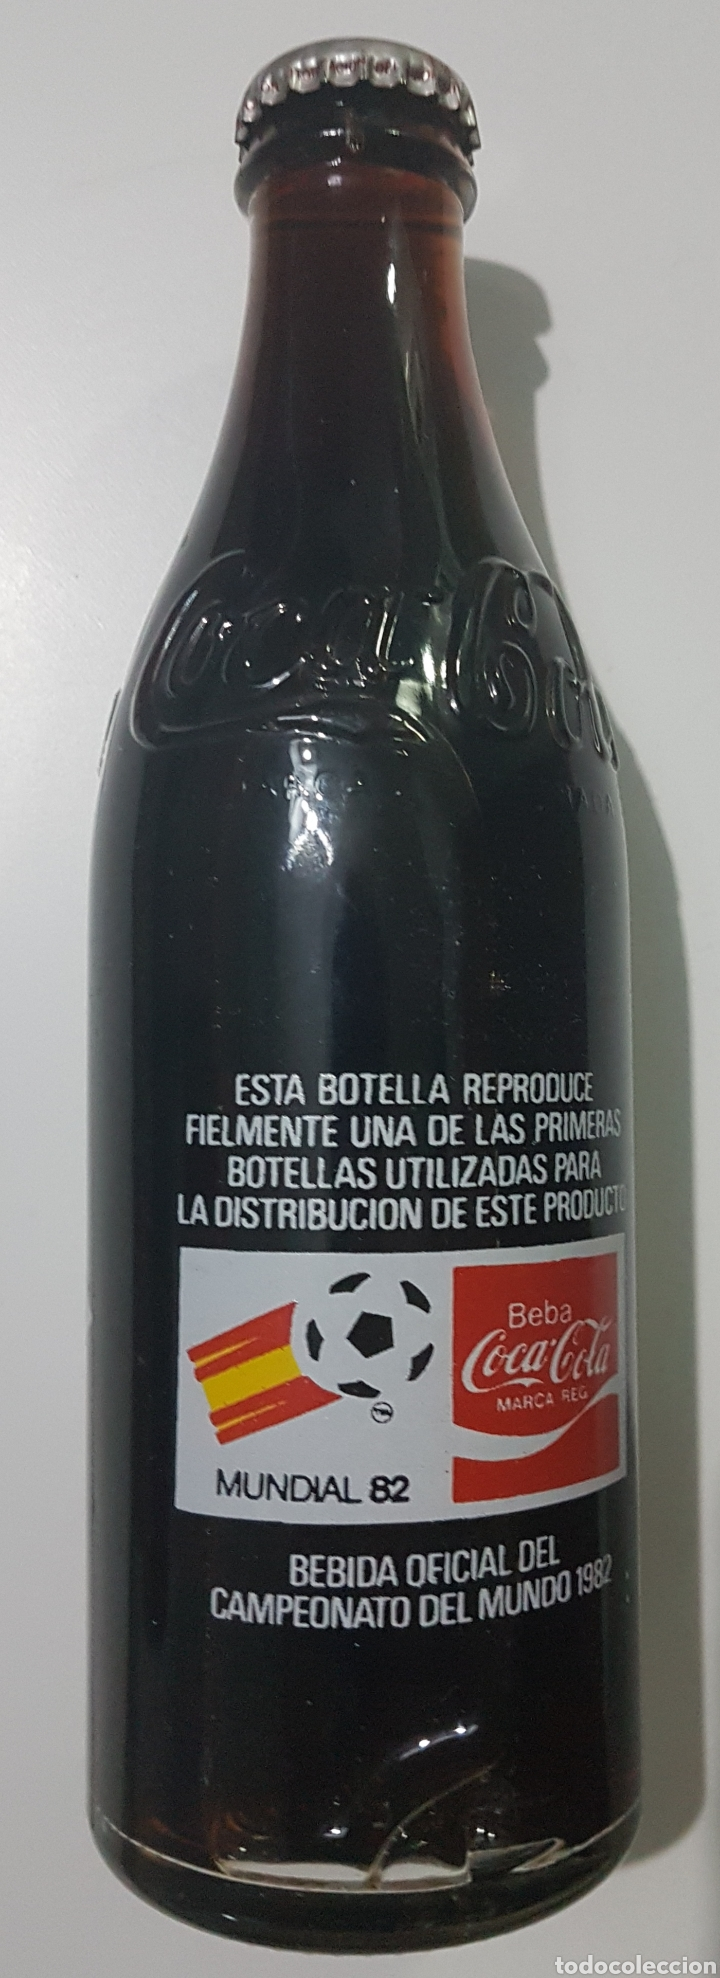 Coleccionismo de Coca-Cola y Pepsi: Botella Coca Cola año 82 Mundial sin abrir - Foto 2 - 185337120